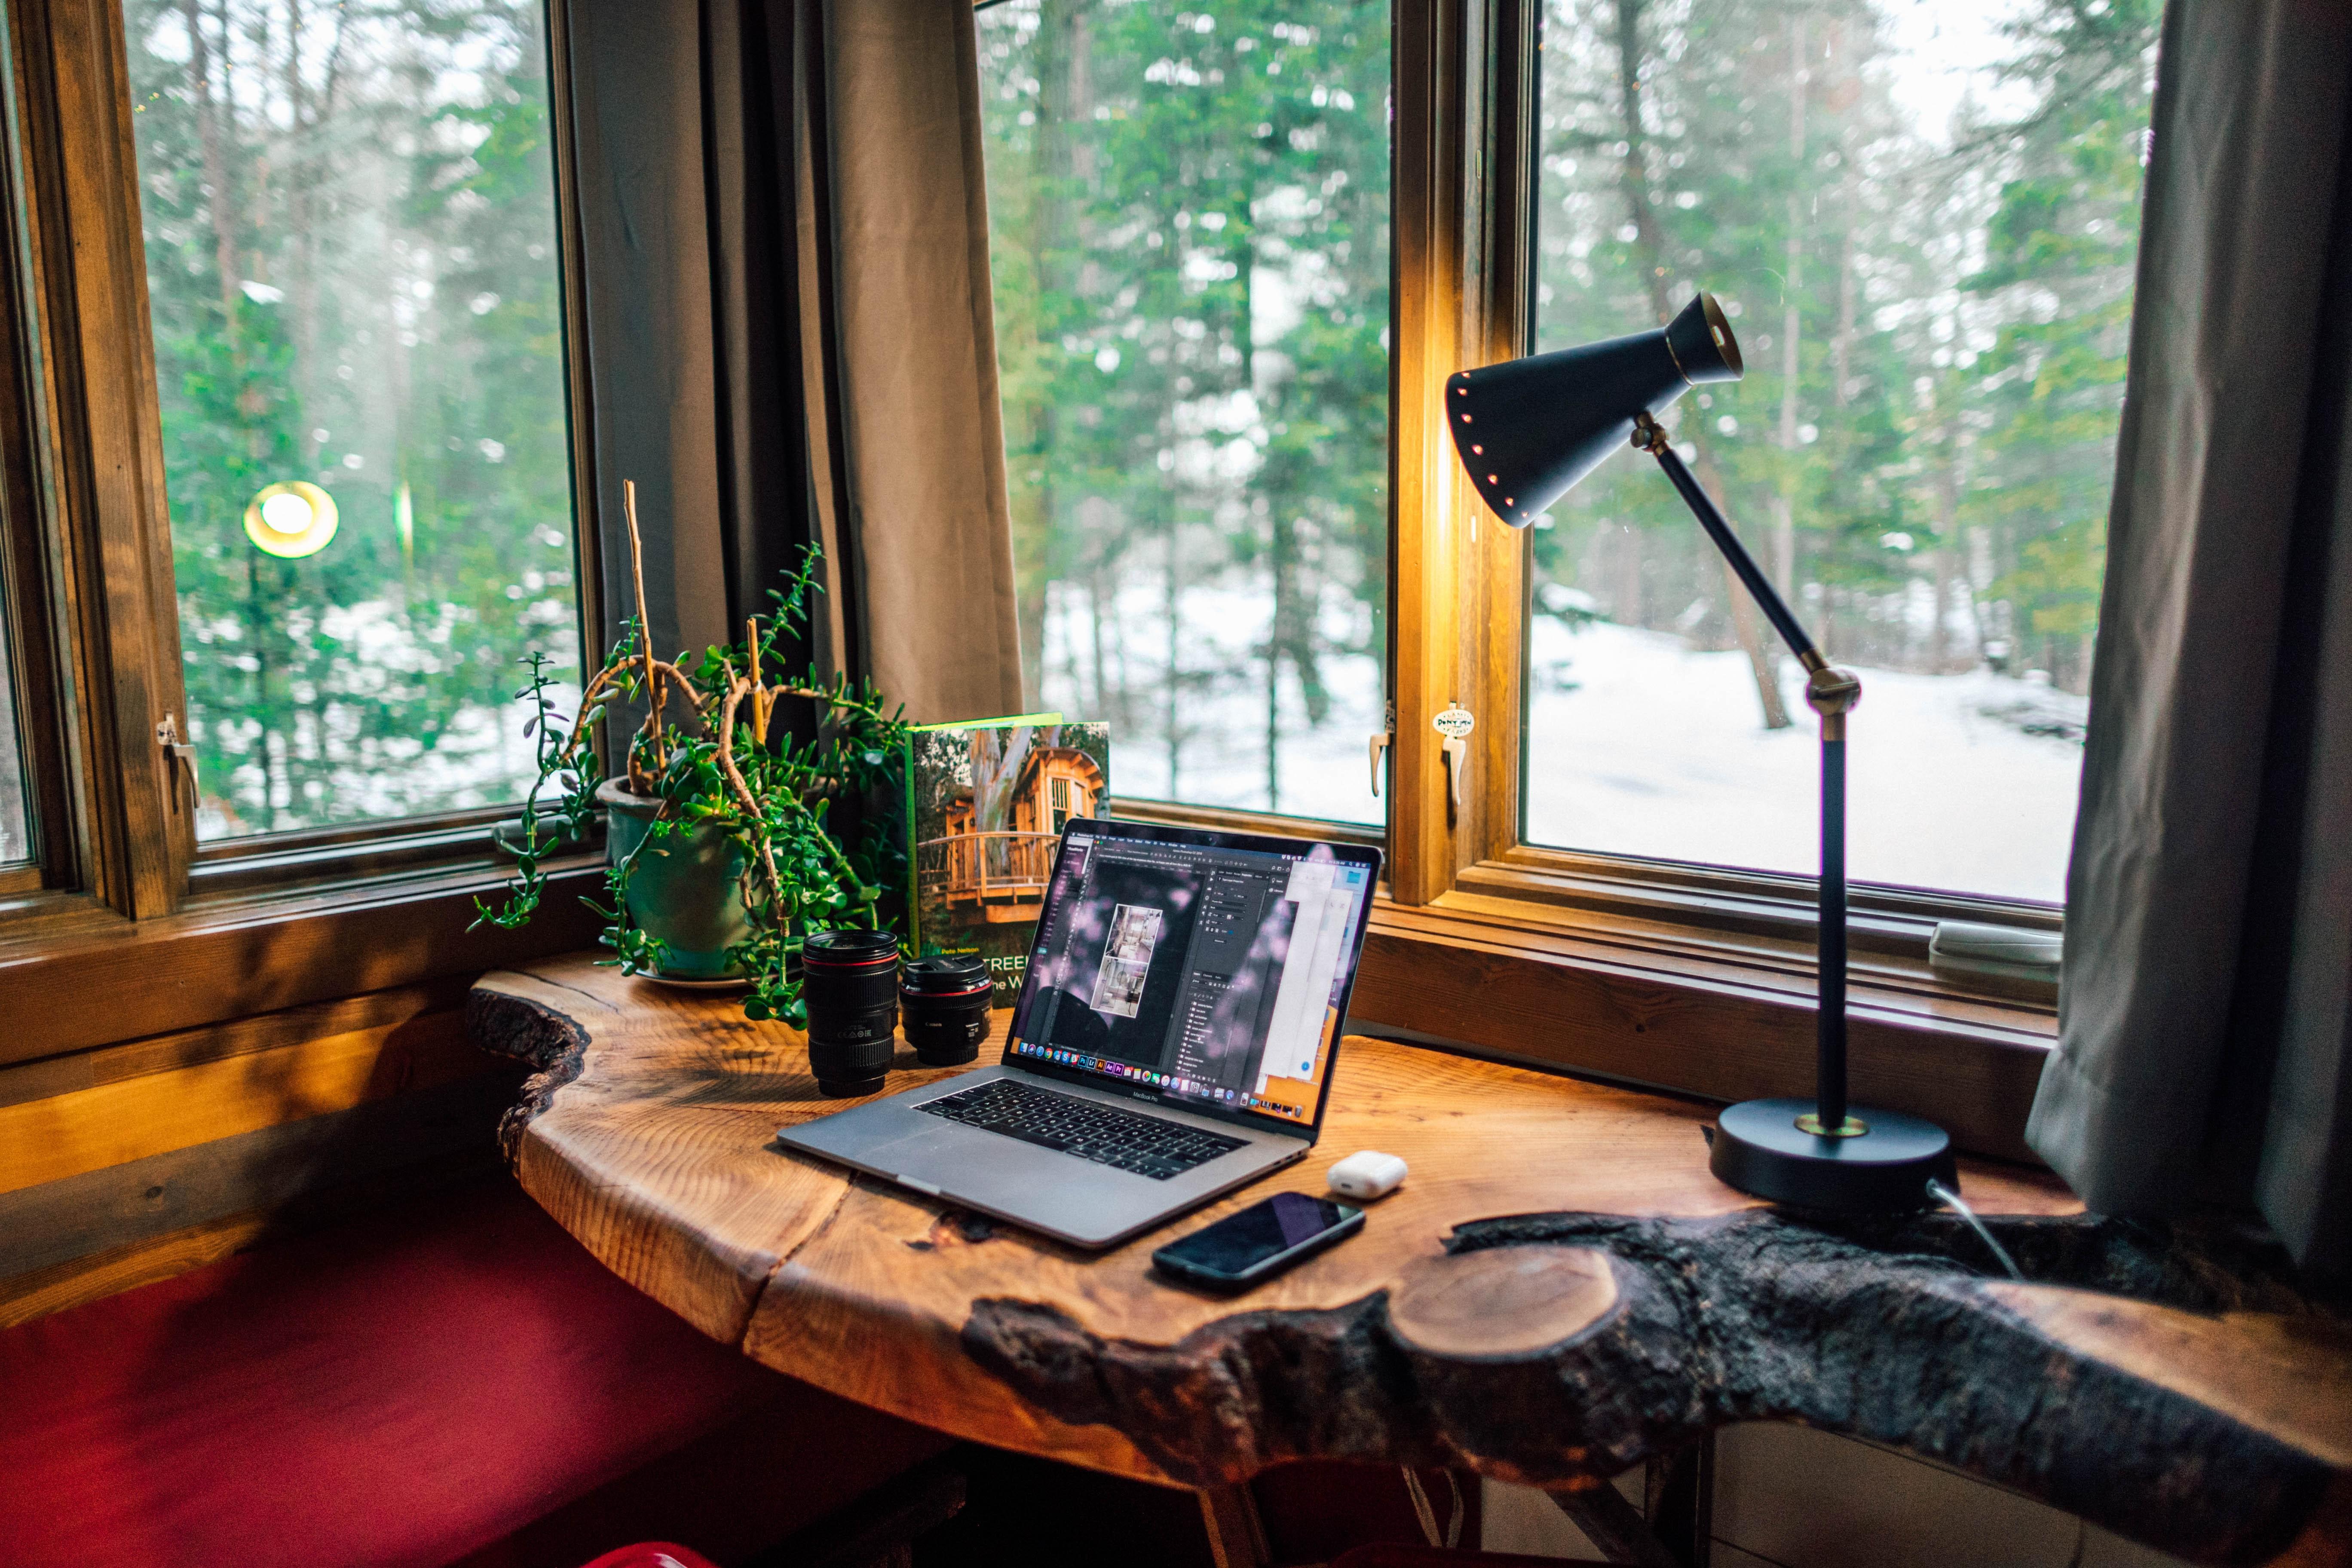 Déduction des dépenses liées au bureau à domicile